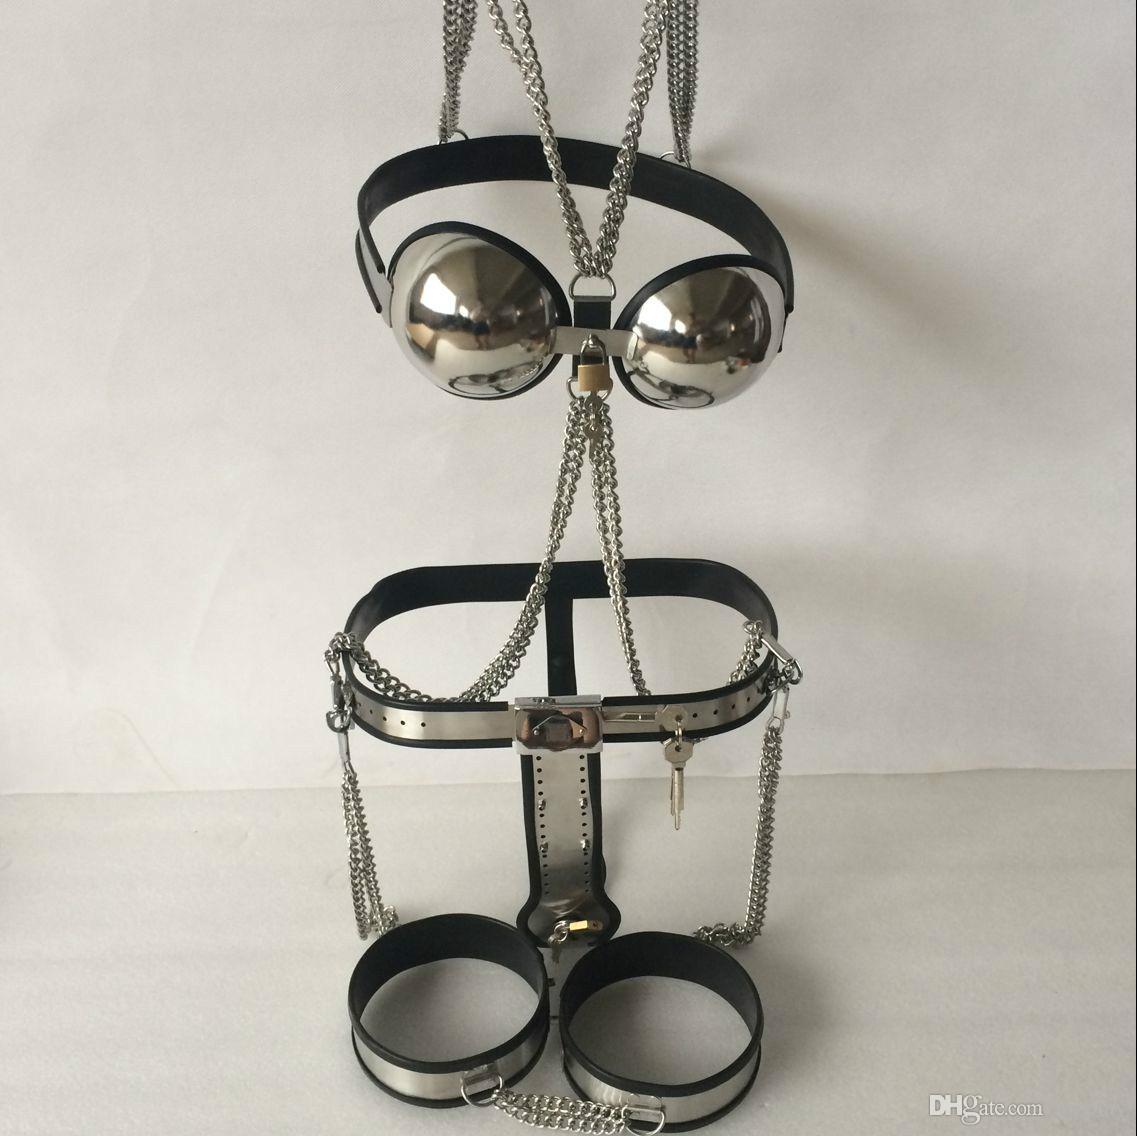 Cinturón de castidad de acero inoxidable de tipo T ajustable, macho, negro Muslo Puño y sujetador 1 juego Envío gratuito